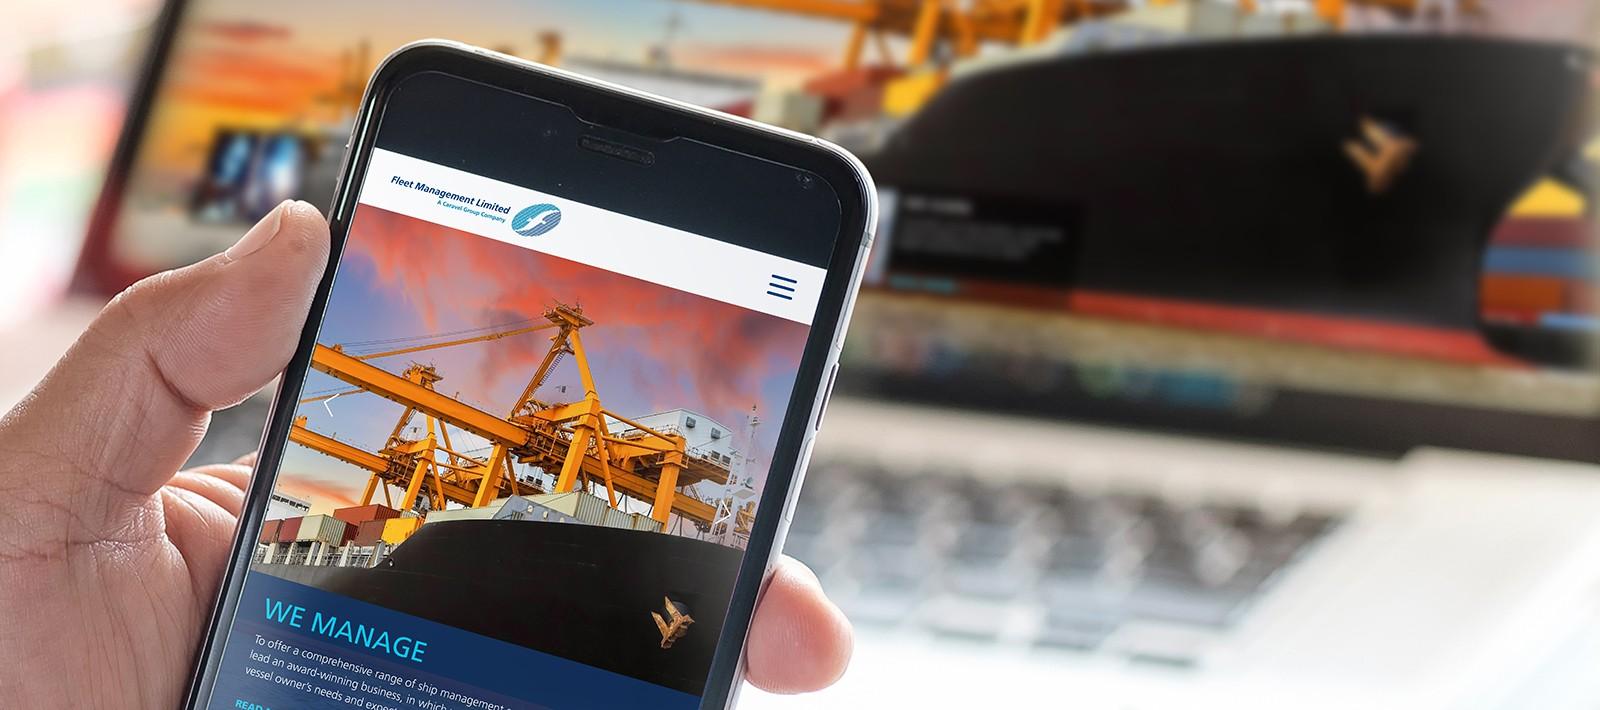 Fleet-management-logistics-web-development